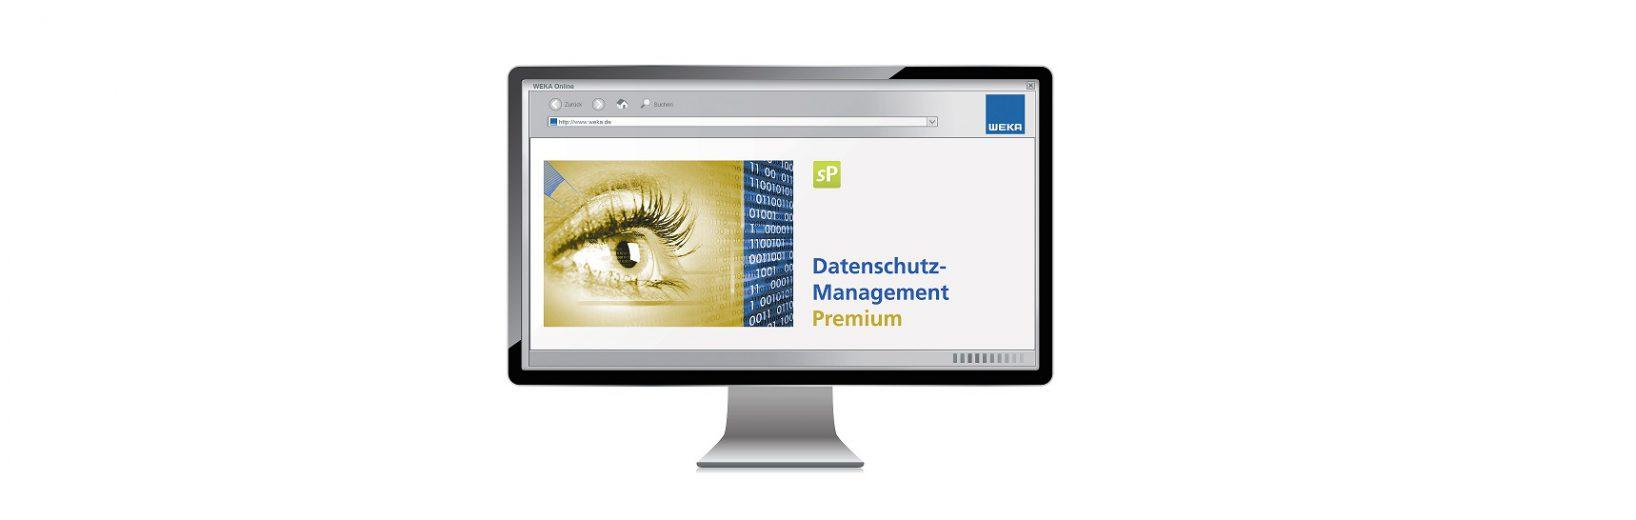 Mit der WEKA-Praxislösung kann der Datenschutzbeauftragte den Datenschutz im Unternehmen zuverlässig gewährleisten.